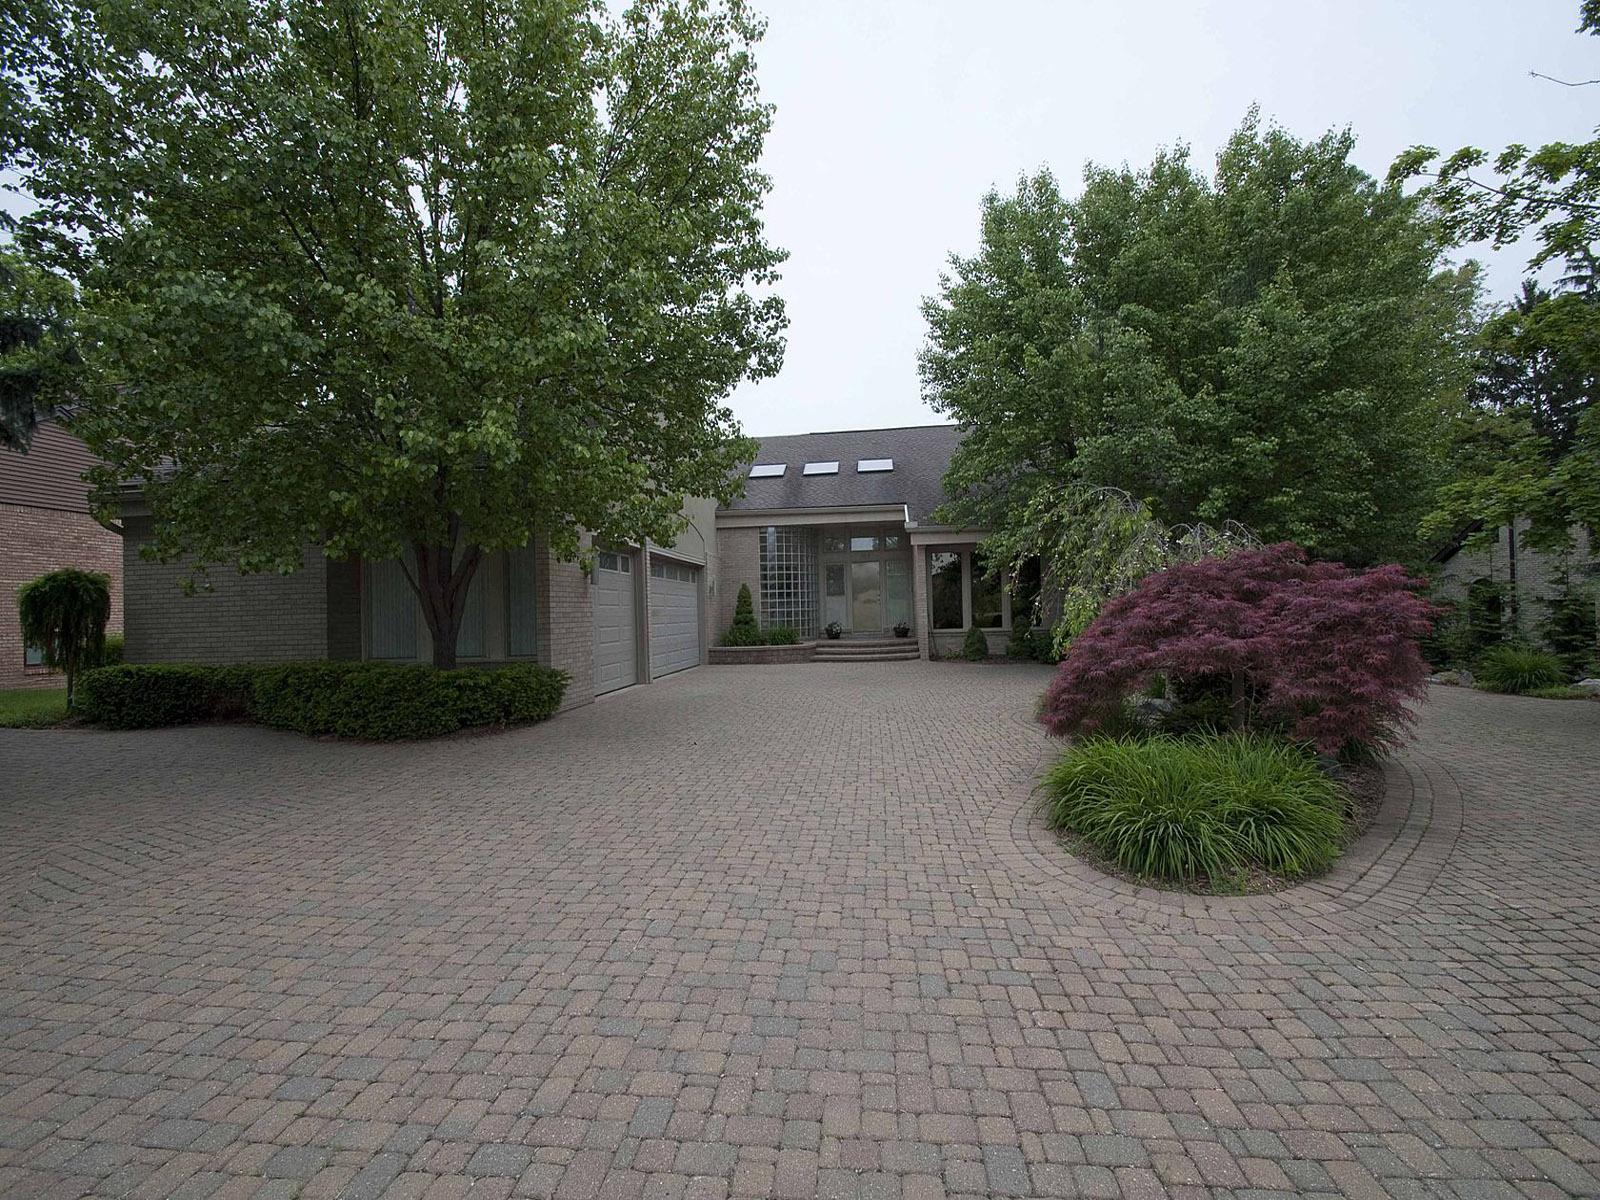 Maison unifamiliale pour l Vente à West Bloomfield 3519 Pine Estates Drive West Bloomfield, Michigan 48323 États-Unis